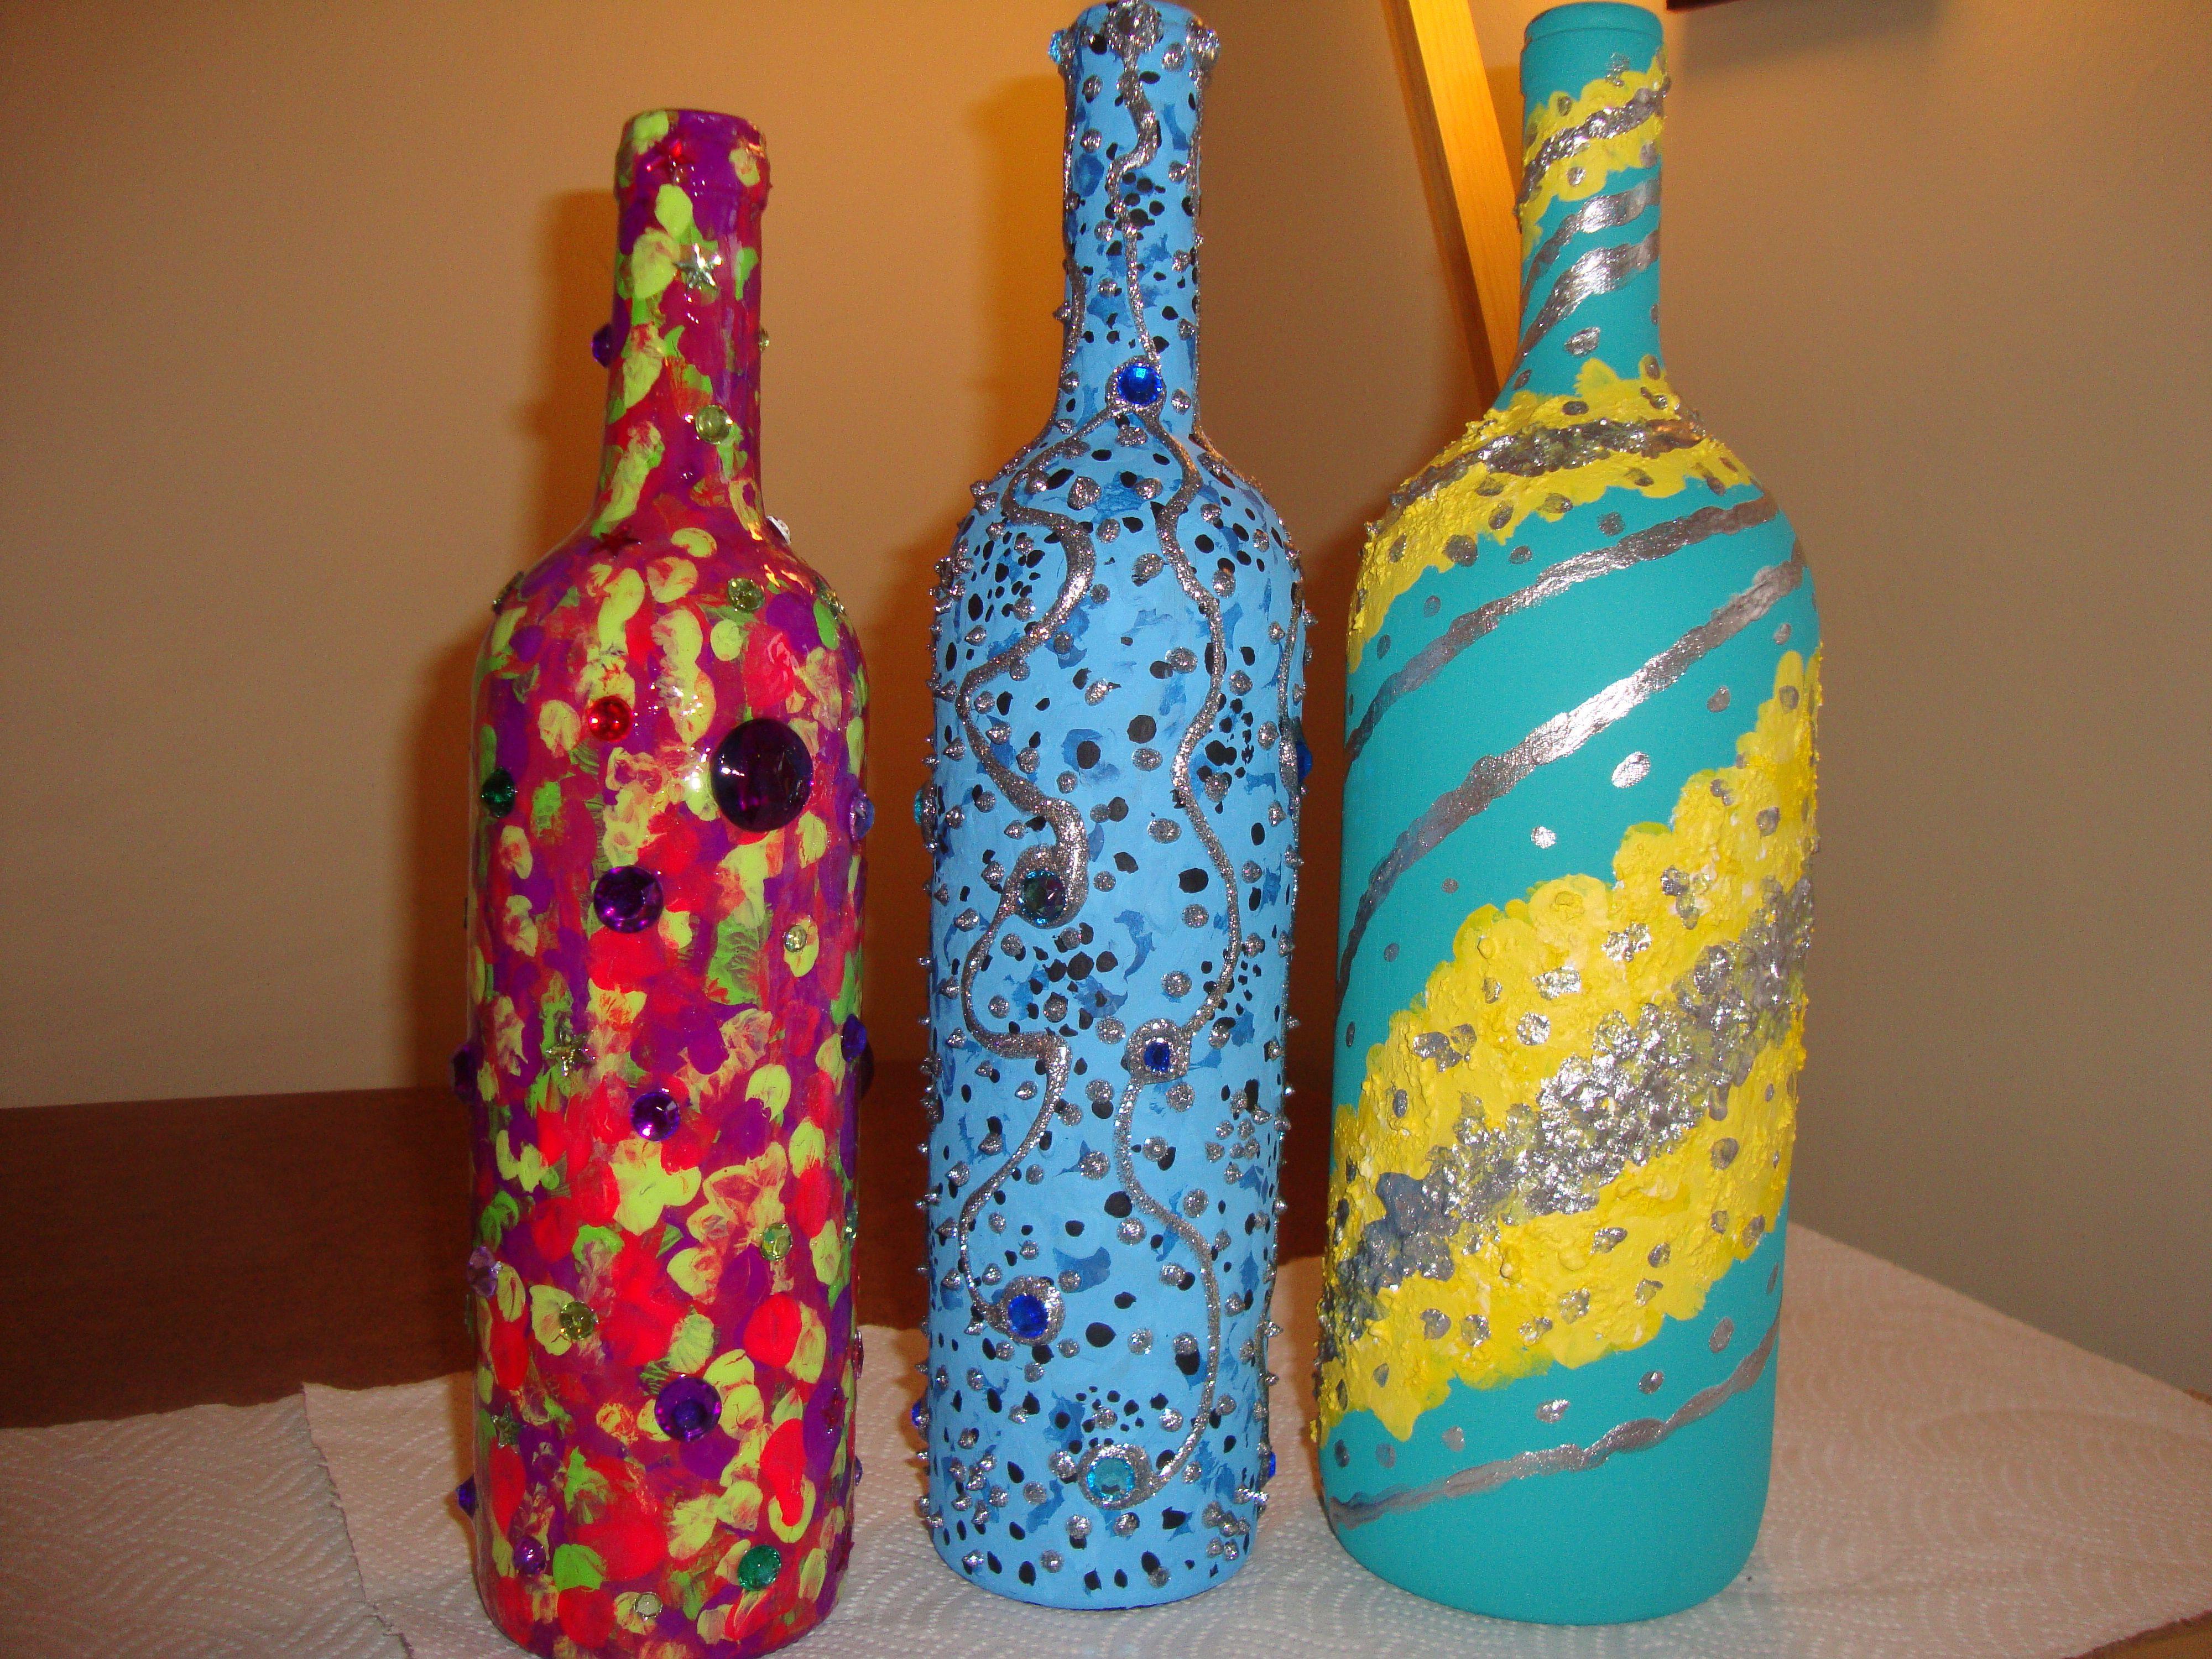 Botellas decoradas con pintura acrilica y cuentas de - Pintura acrilica manualidades ...